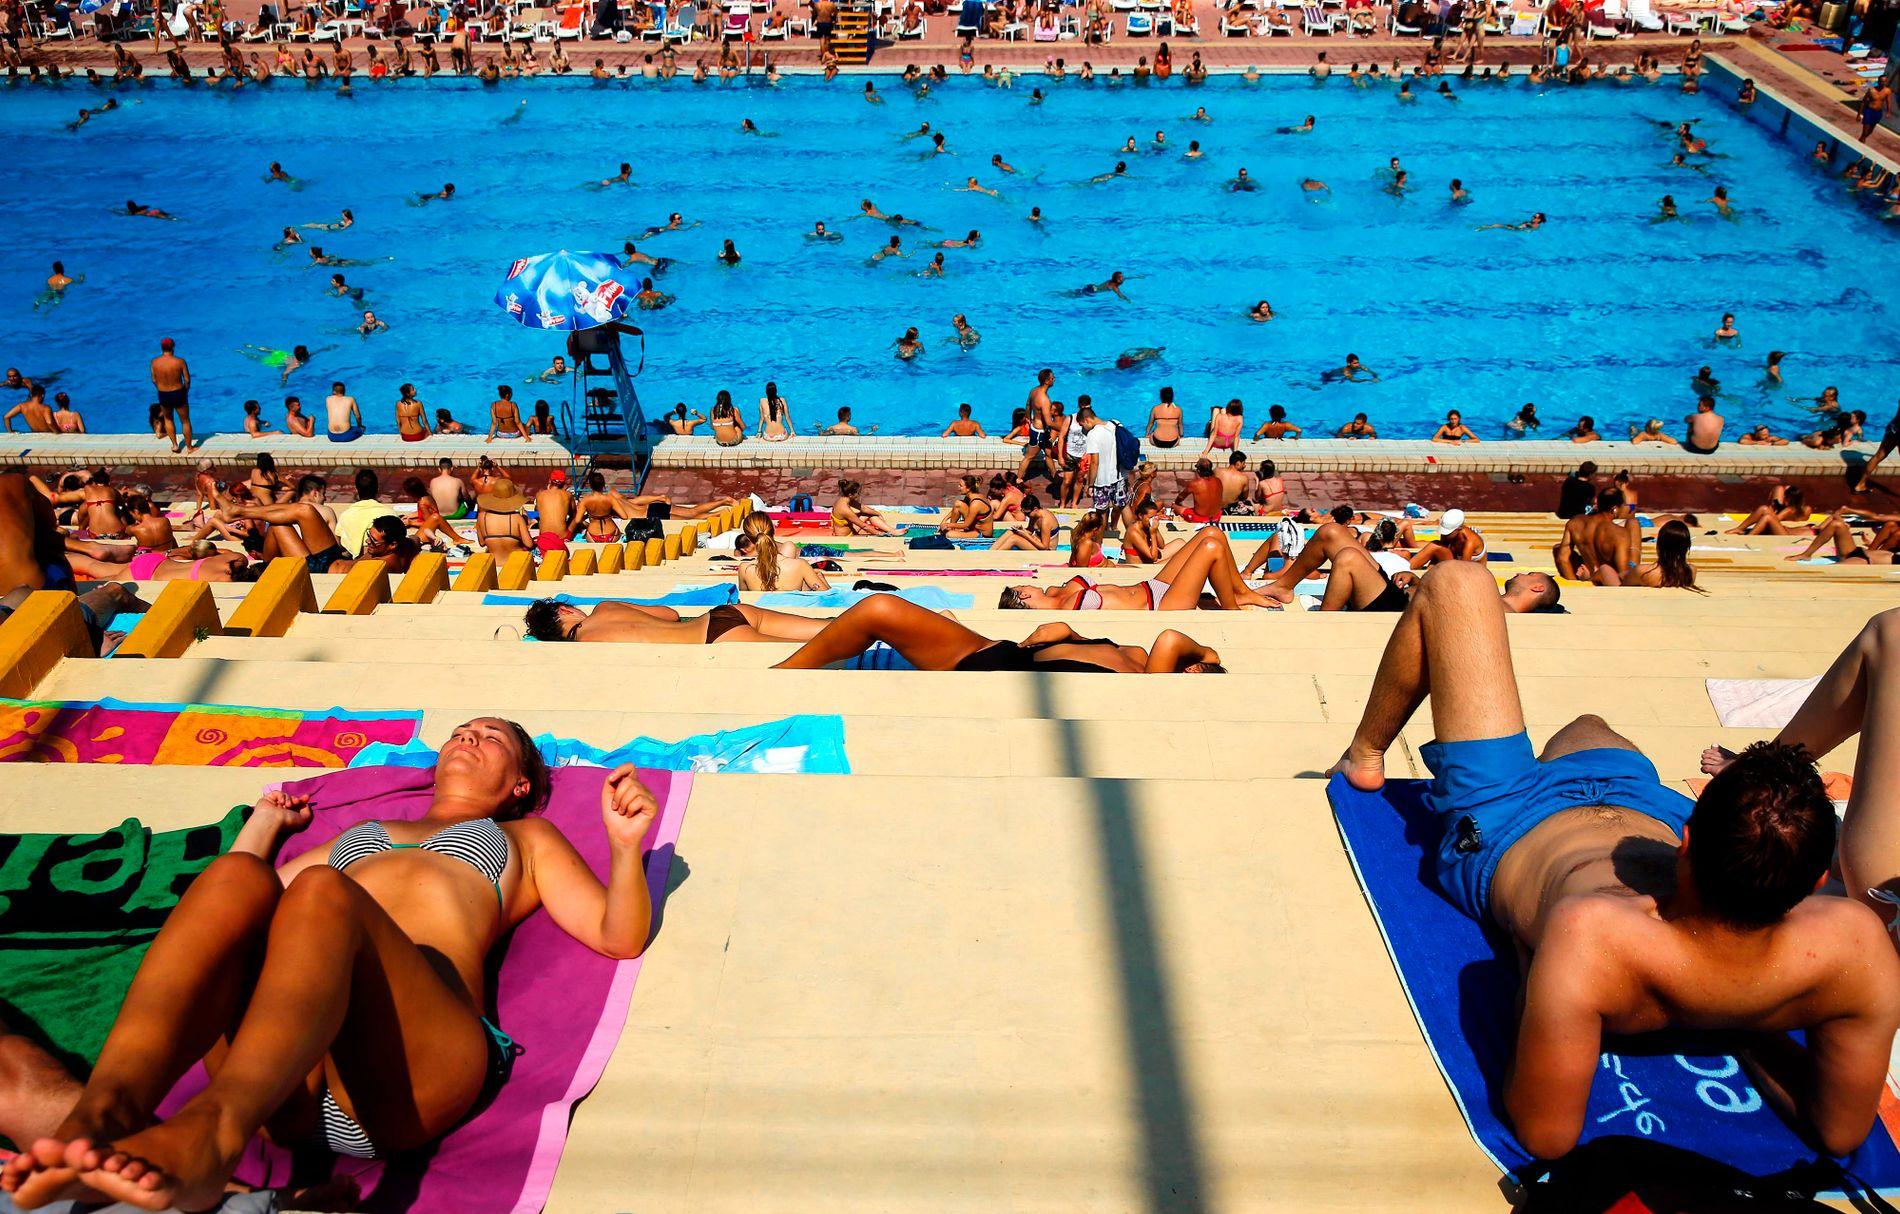 GLOVARMT: Folk strømmer til svømmebassengene i Beograd, Serbia når temperaturen kryper over 40 grader som følge av hetebølgen. FOTO: AFP / PEDJA MILOSAVLJEVIC